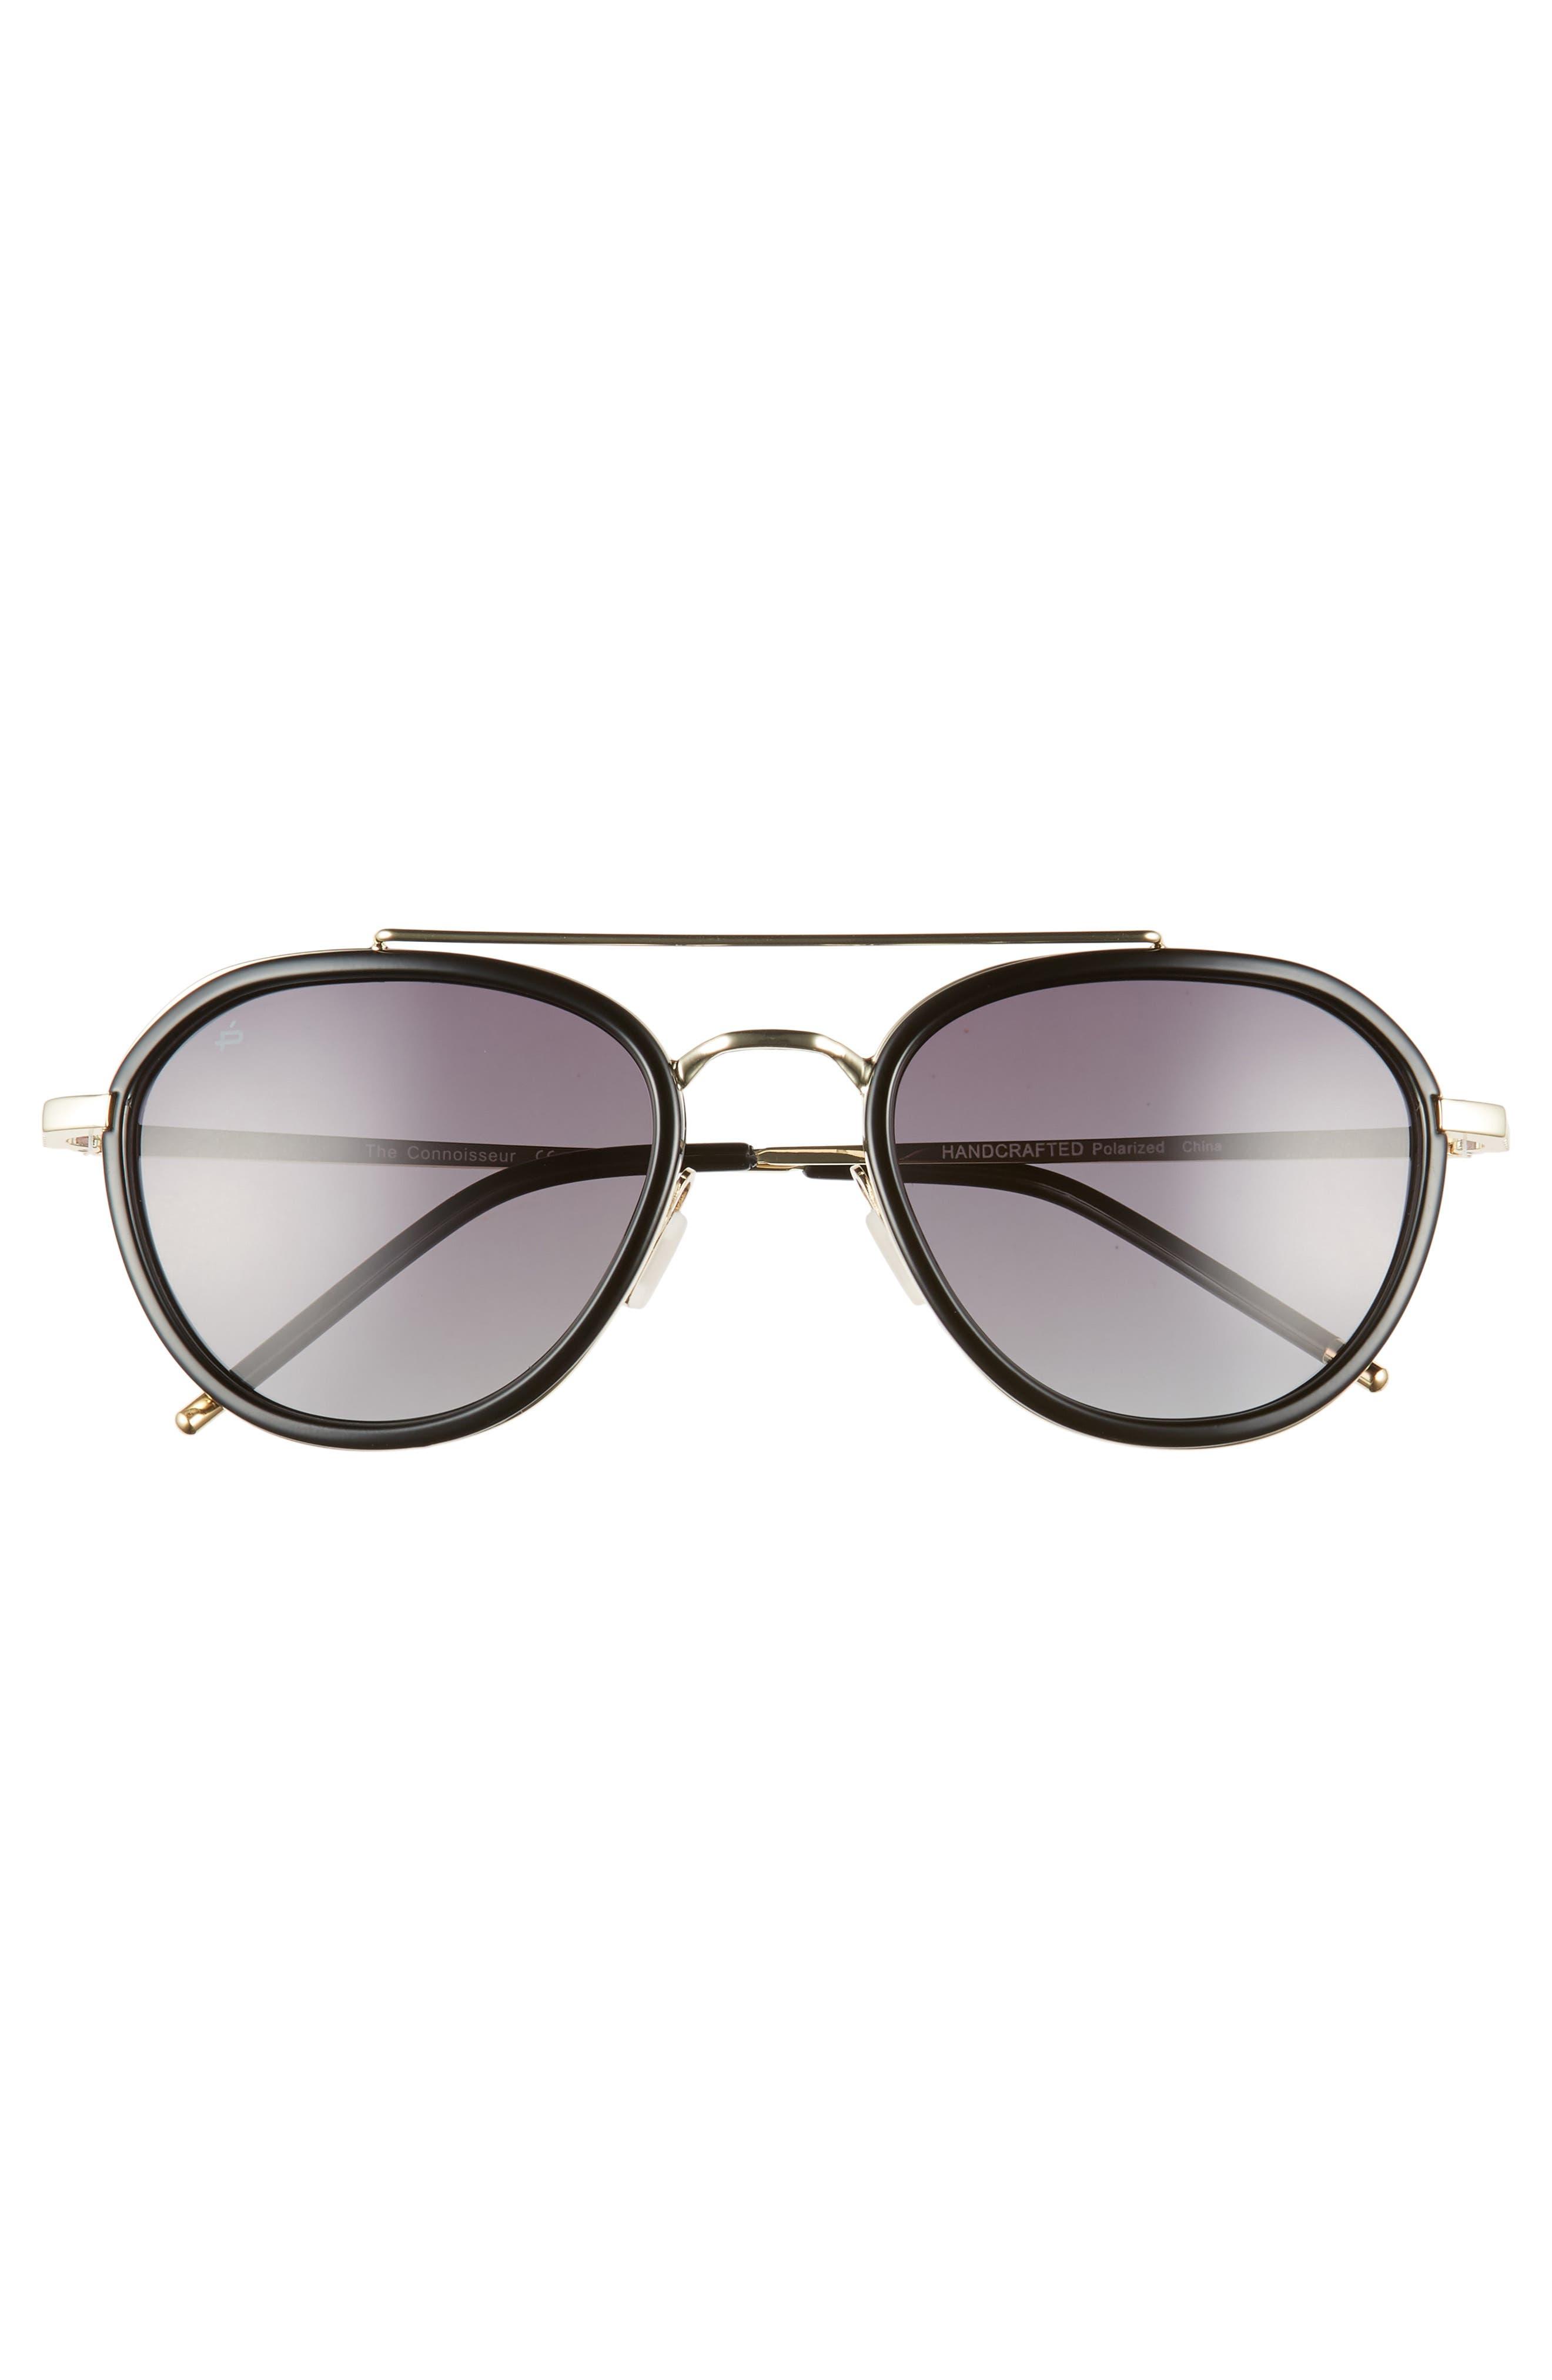 PRIVÉ REVAUX,                             The Connoisseur 53mm Polarized Sunglasses,                             Alternate thumbnail 2, color,                             BLACK